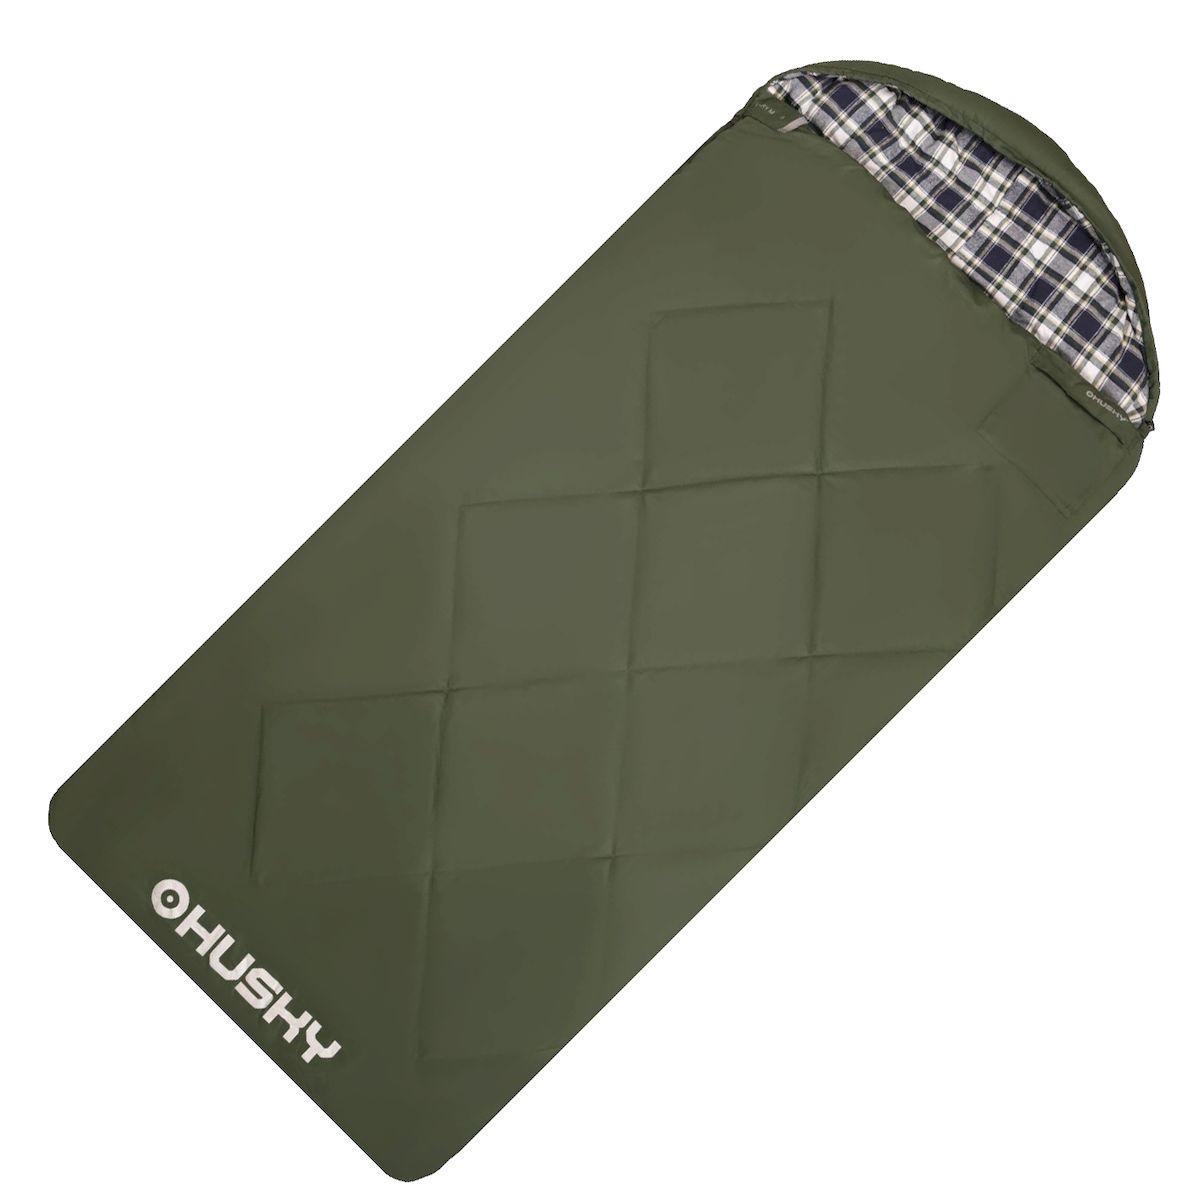 Спальник - одеяло Husky GARY -5С, правая молния, цвет: зеленыйУТ-000069822Спальник-одеяло с подголовником до -5°C (НОВИНКА) GARY Двухслойный спальный мешок-одеяло для кемпинга. Утеплитель из 4-х канального холофайбера, превосходная комбинация теплового комфорта с комфортом традиционного спального мешка-одеяла. Gary можно использовать не только на природе, но и в помещении как традиционное одеяло. Размеры: 90х220 см Размеры в сложенном виде: 45х37х20 см Вес: 2850 г Экстремальная температура: -5 С Комфортная температура: -0 С ... +5 С - Внешний материал: Pongee 75D 210T (лен) - Внутренний материал: флис (полиэстер) - Утеплитель: 2 слоя 150 г/м2 HollowFibre, - Конструкция: два слоя - Компрессионный мешок - Петли для сушки